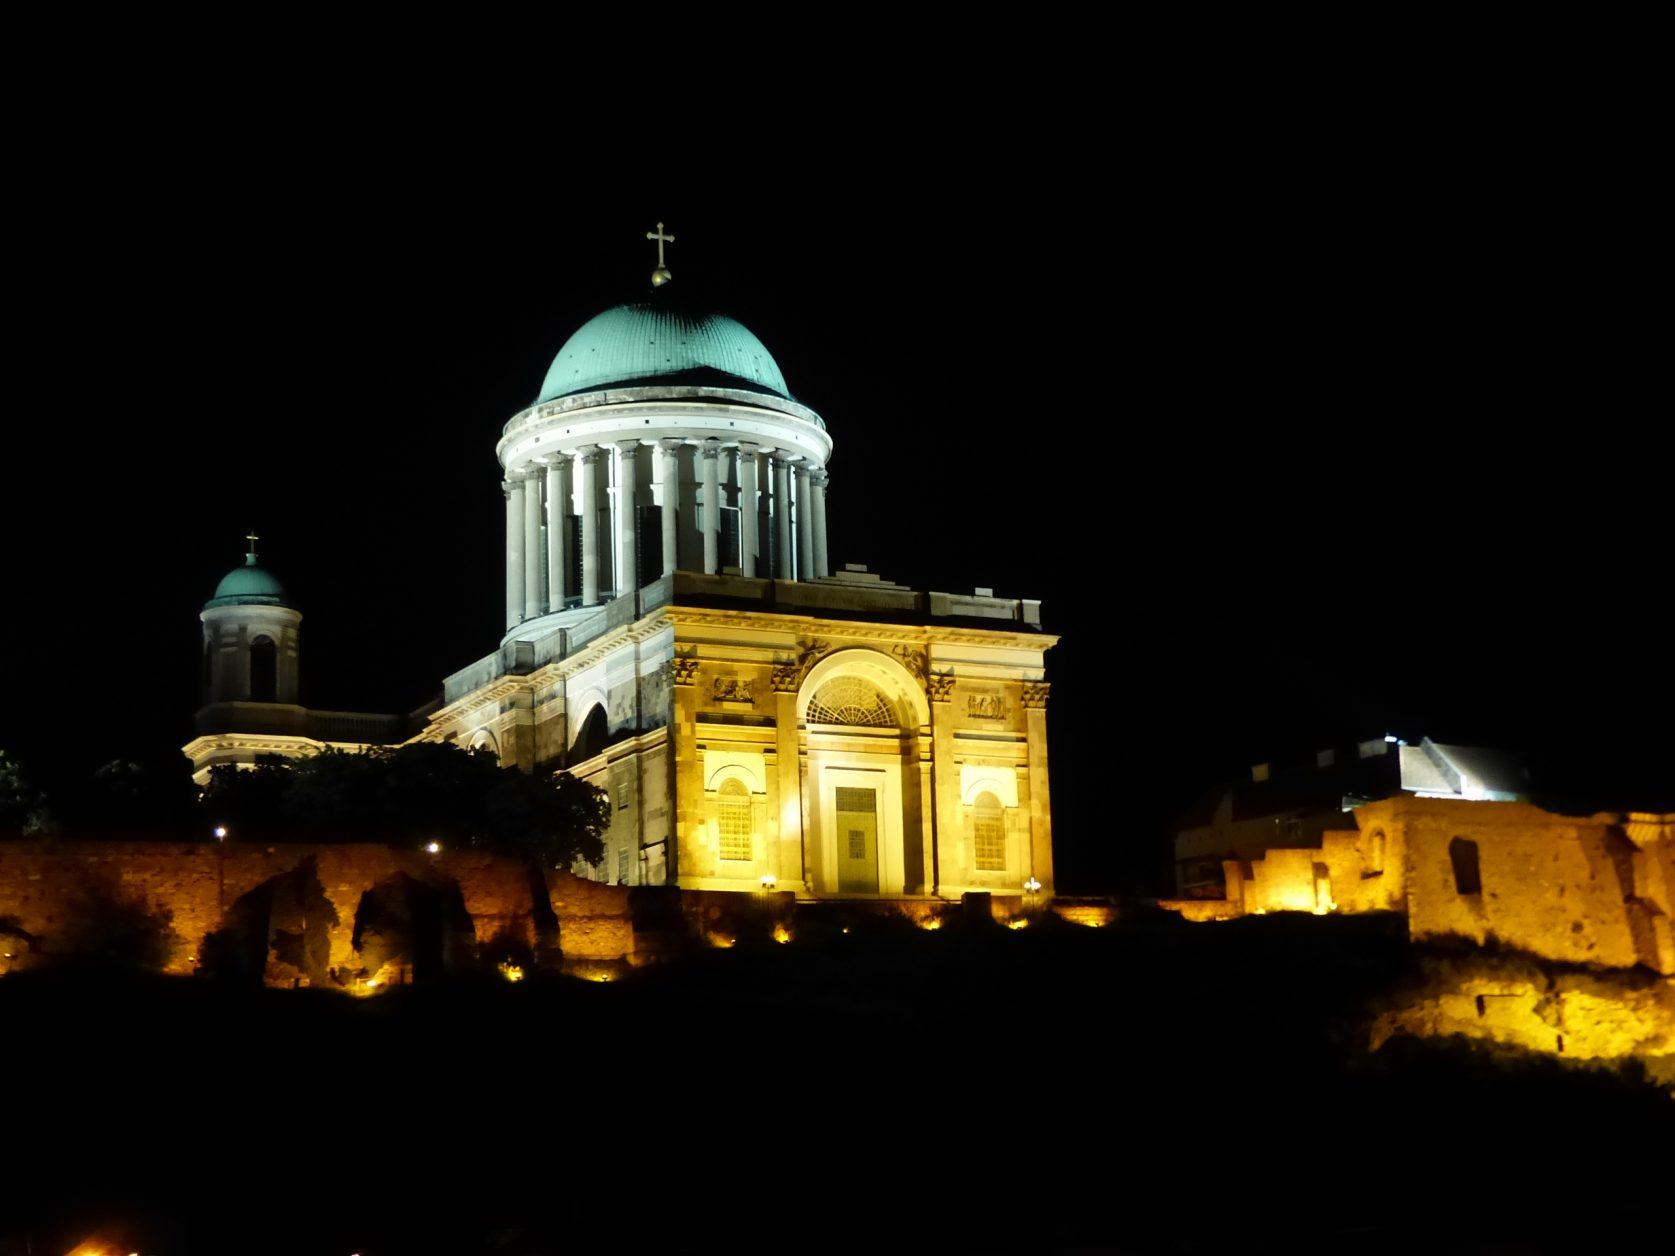 Auch angestrahlt ist die Basilika eine Attraktion an der Donau